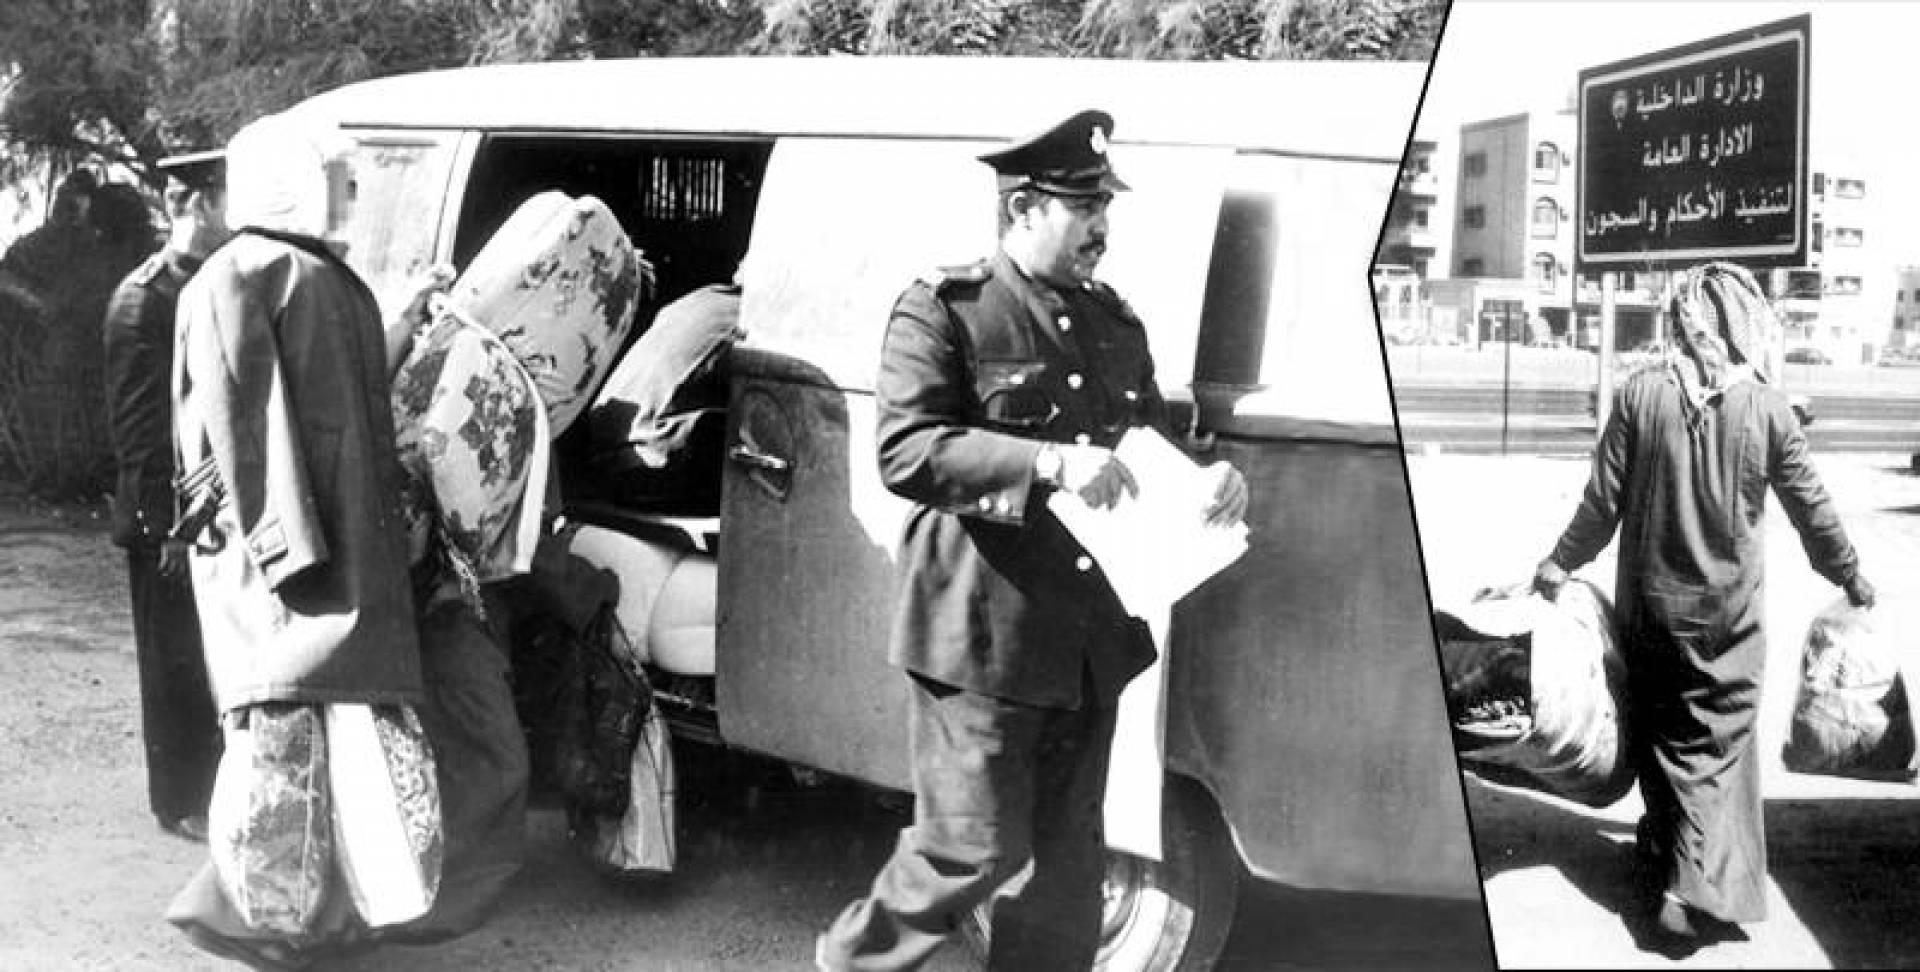 1975/2/24| مرسوم بالعفو عن 100 سجين بمناسبة العيد الوطني